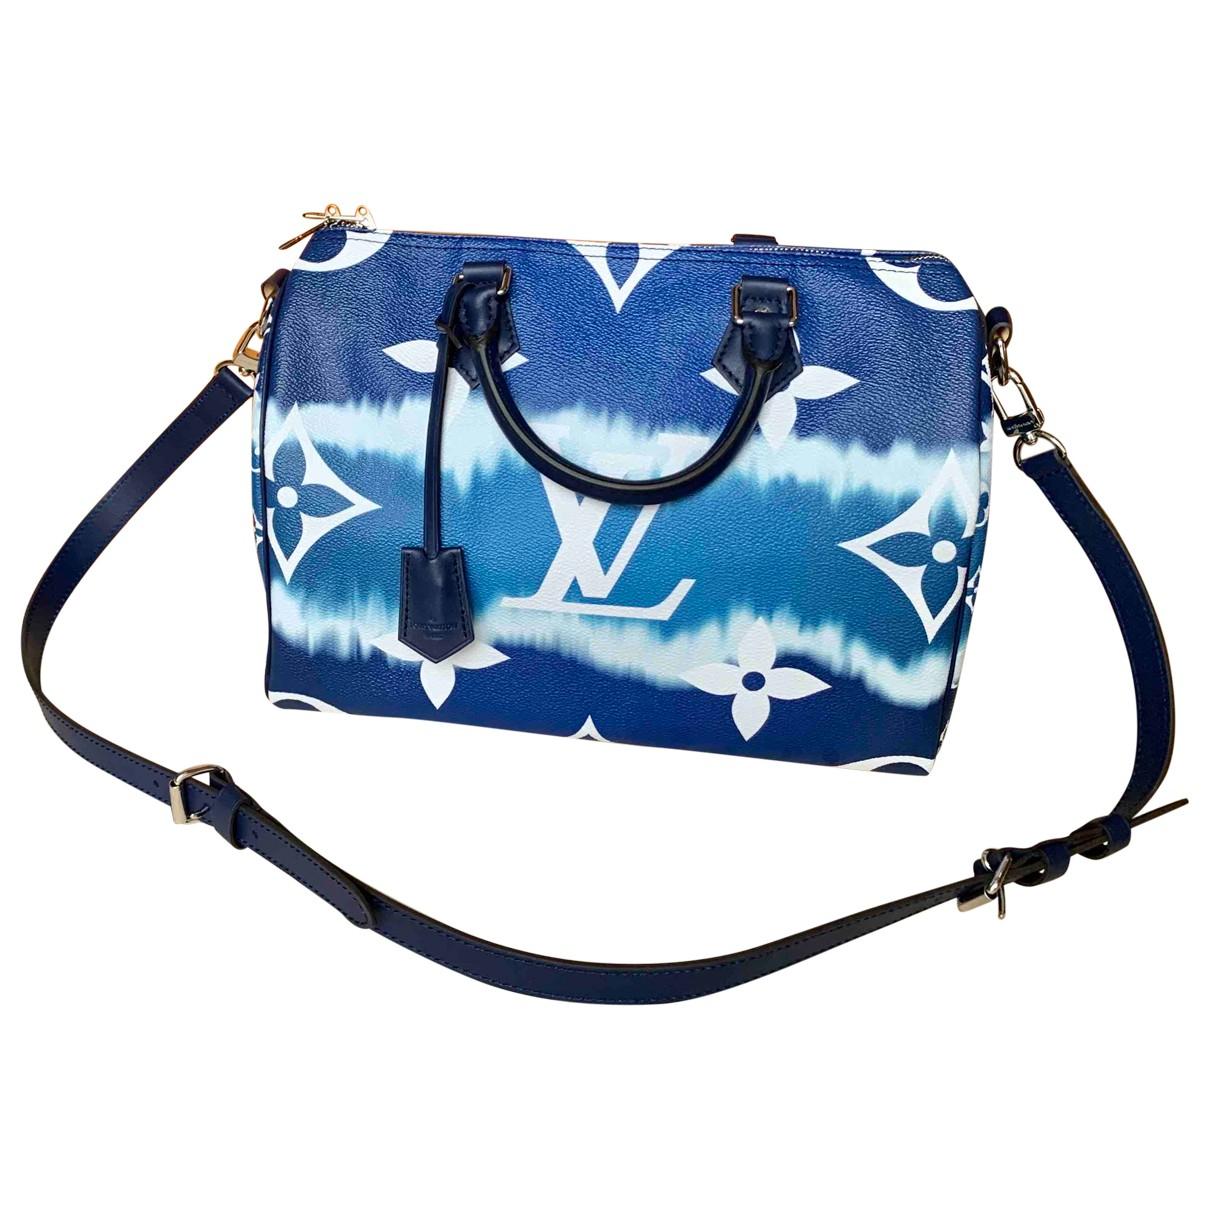 Louis Vuitton Speedy Bandouliere Handtasche in  Blau Baumwolle